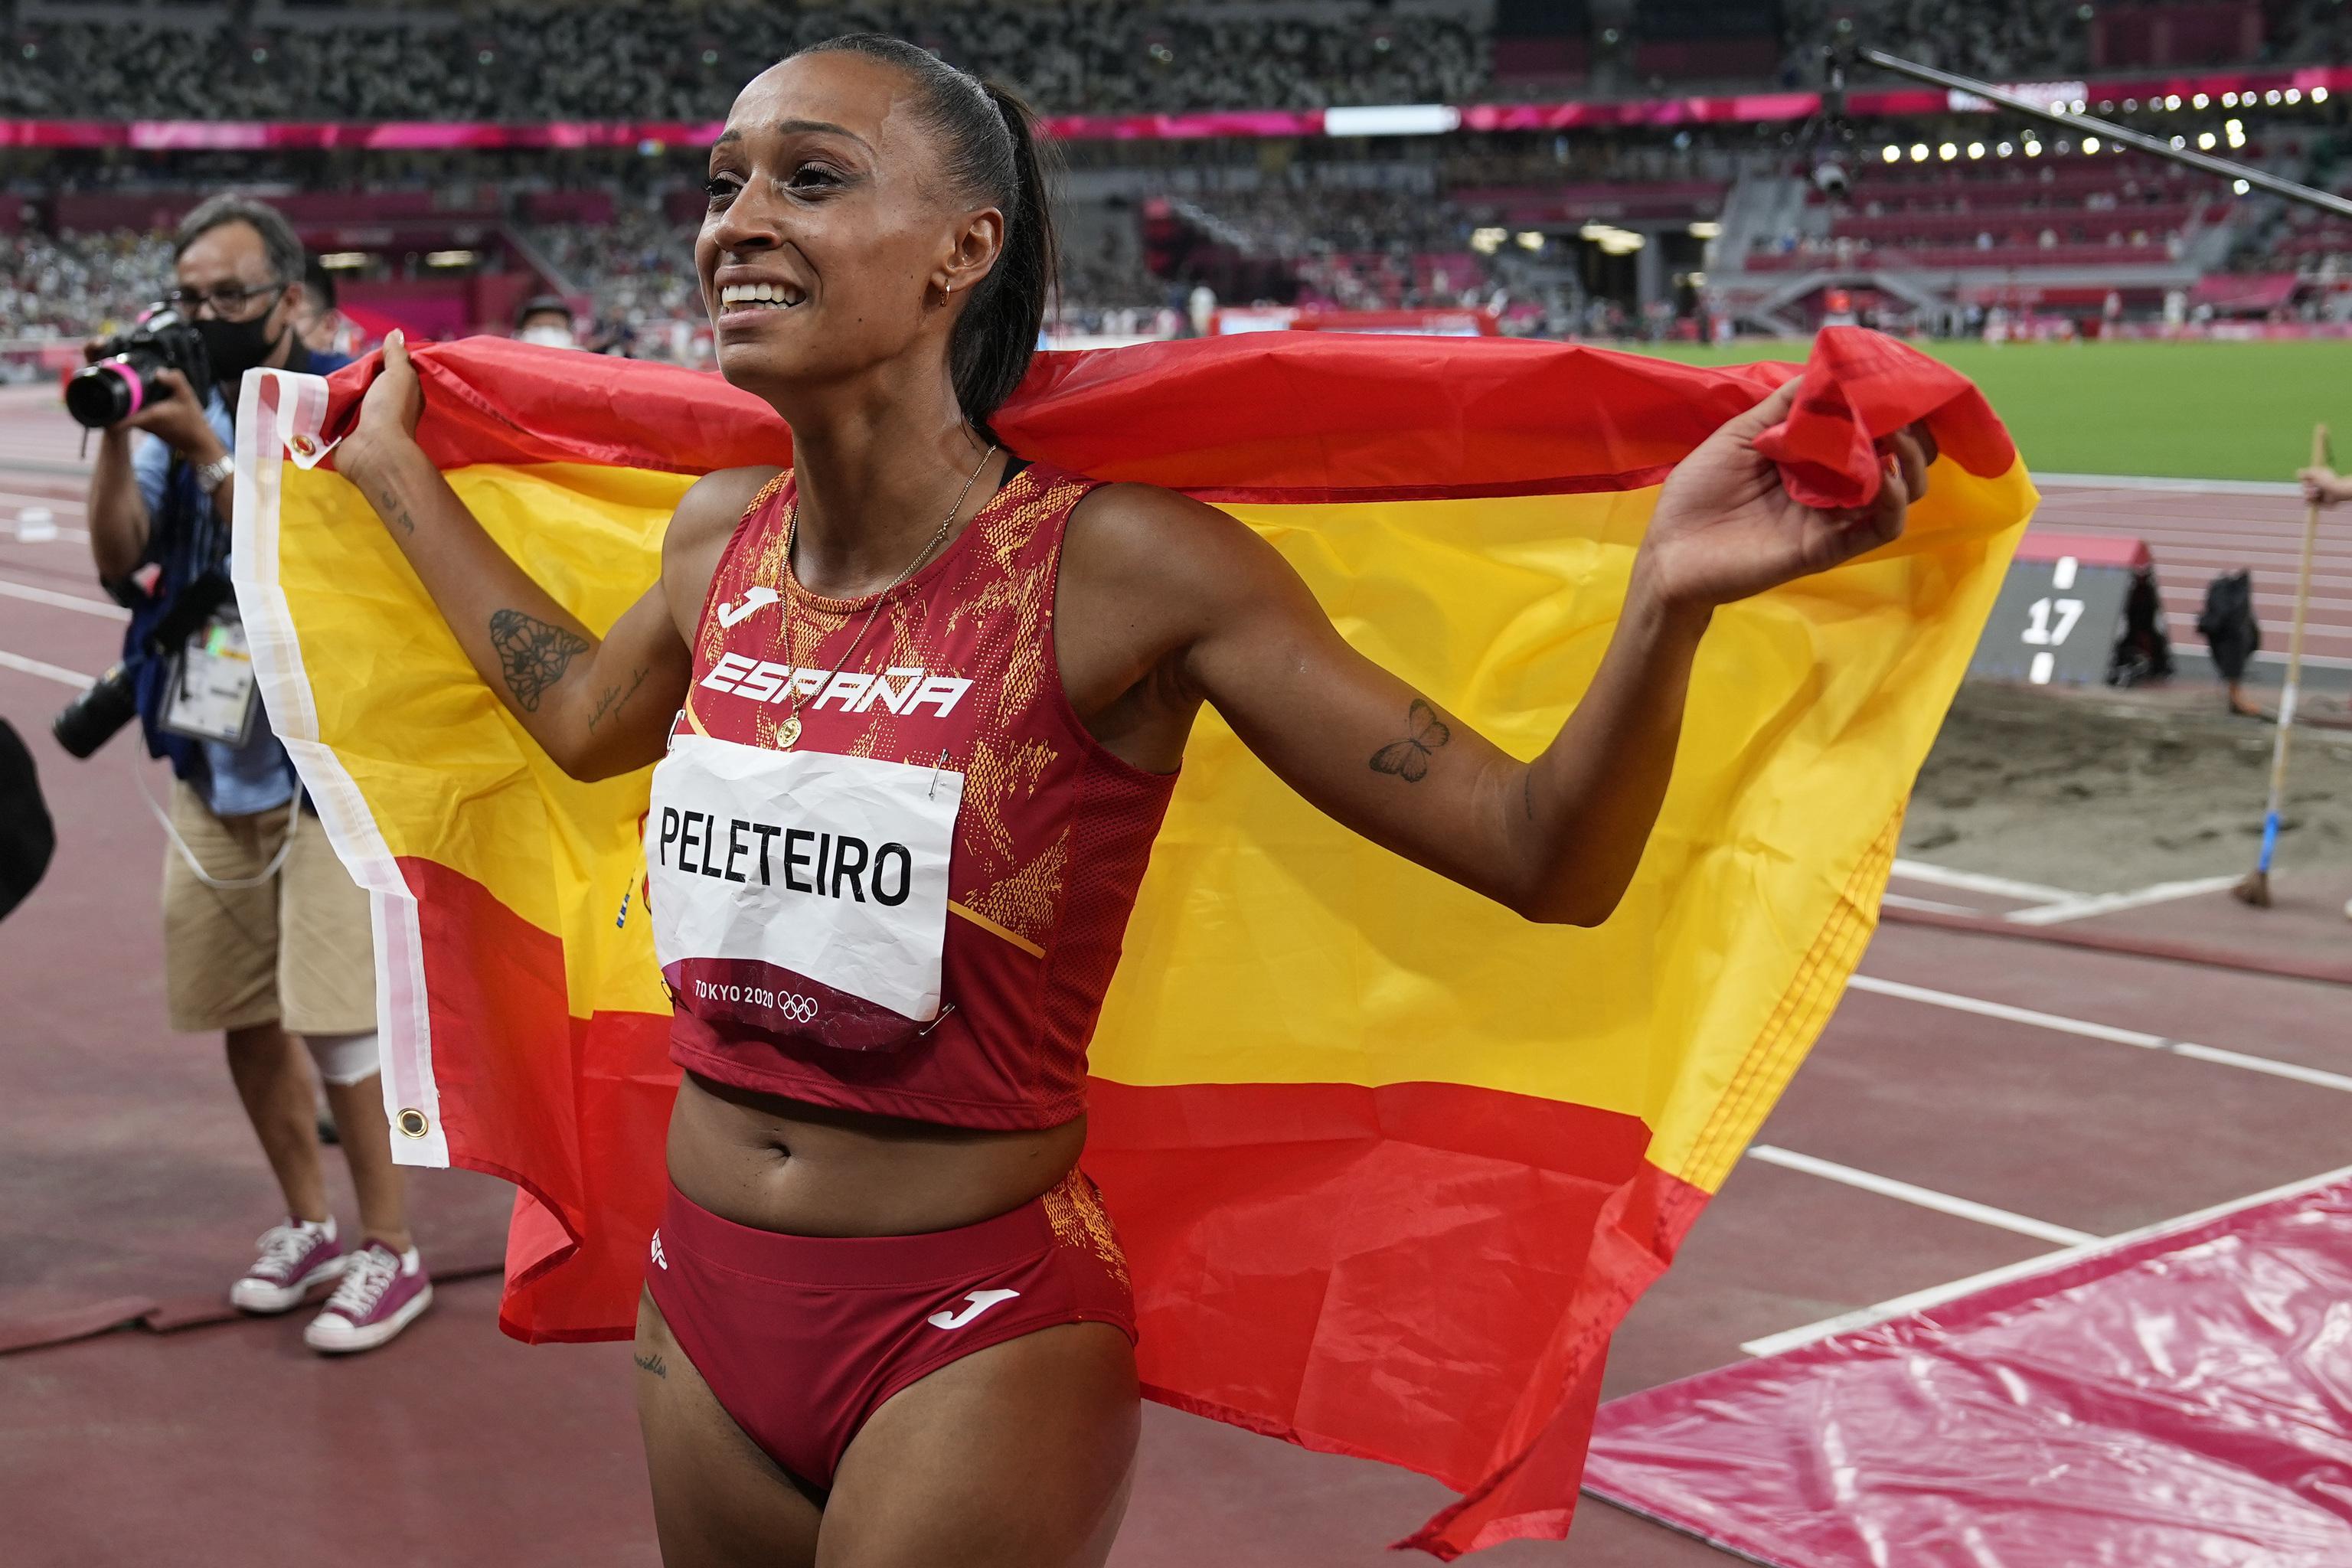 Ana Peleteiro tras ganar el bronce en triple salto.